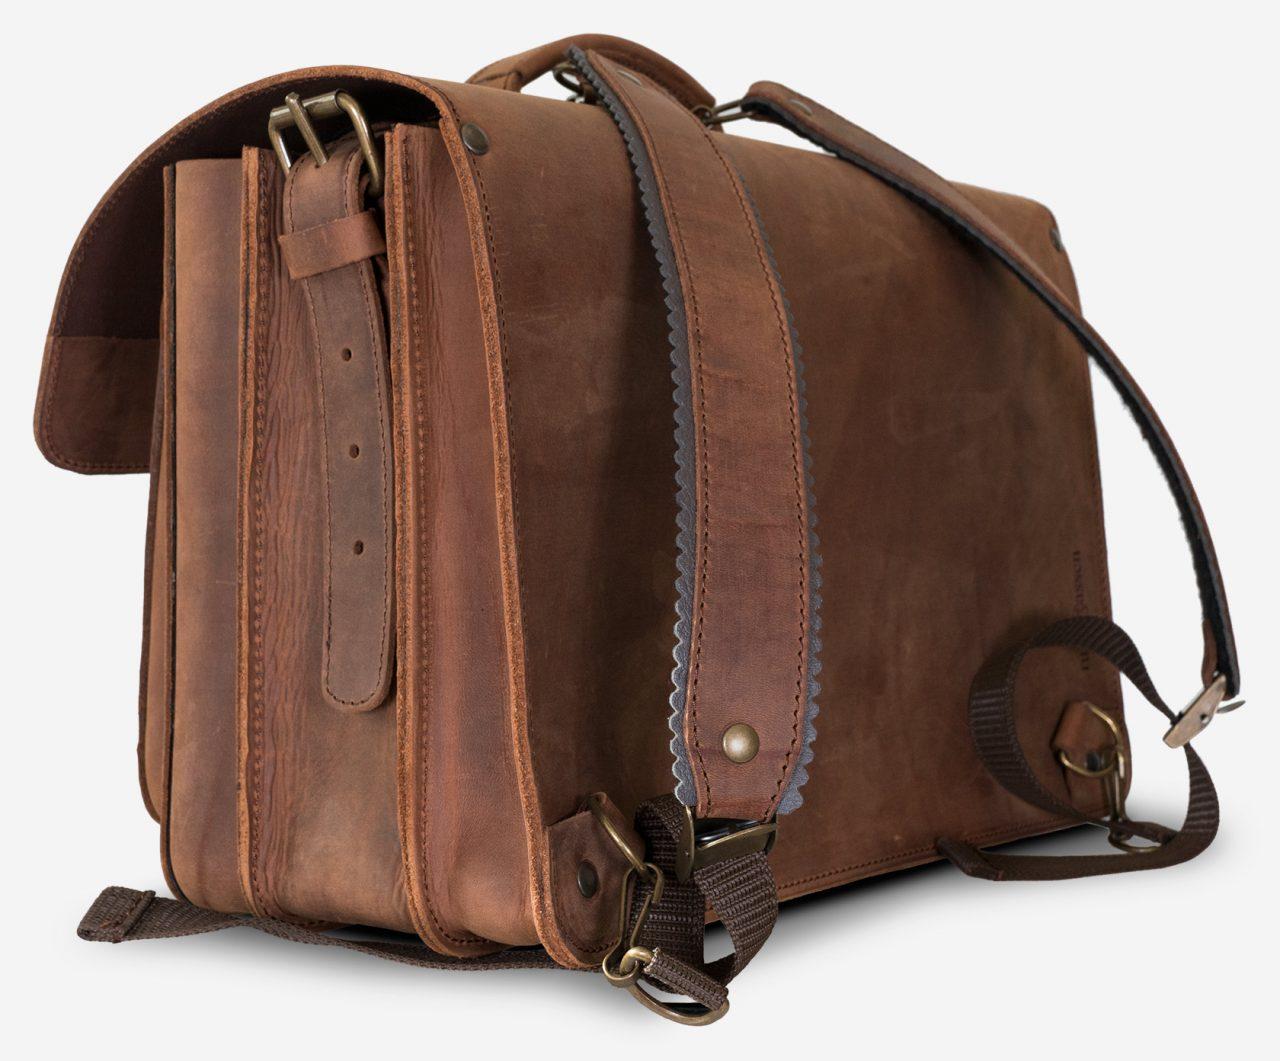 Grand cartable cuir vintage à bretelles.